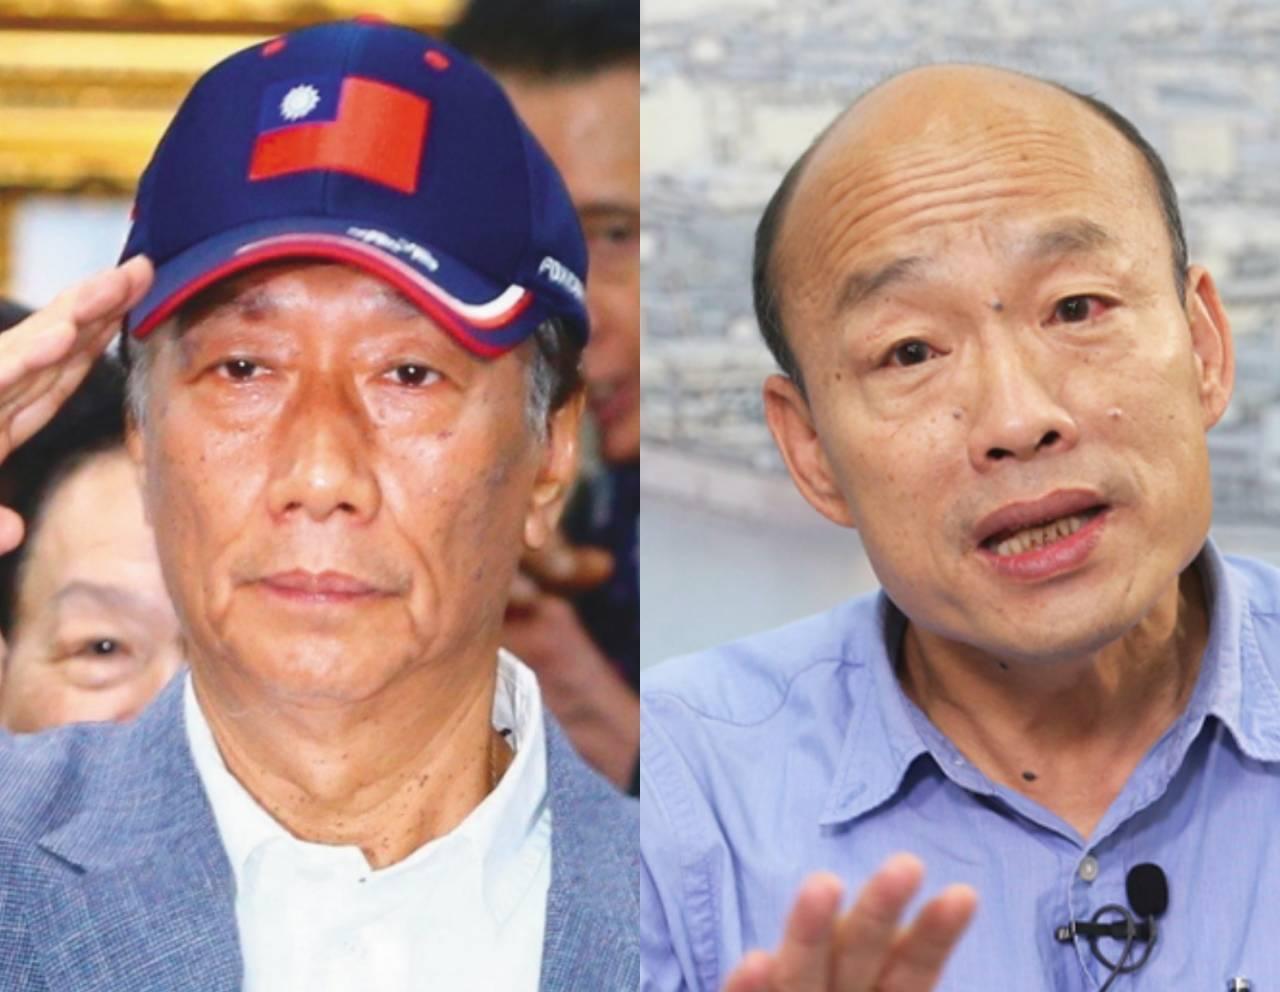 國民黨總統初選參選人郭台銘與高雄市長韓國瑜。本報資料照